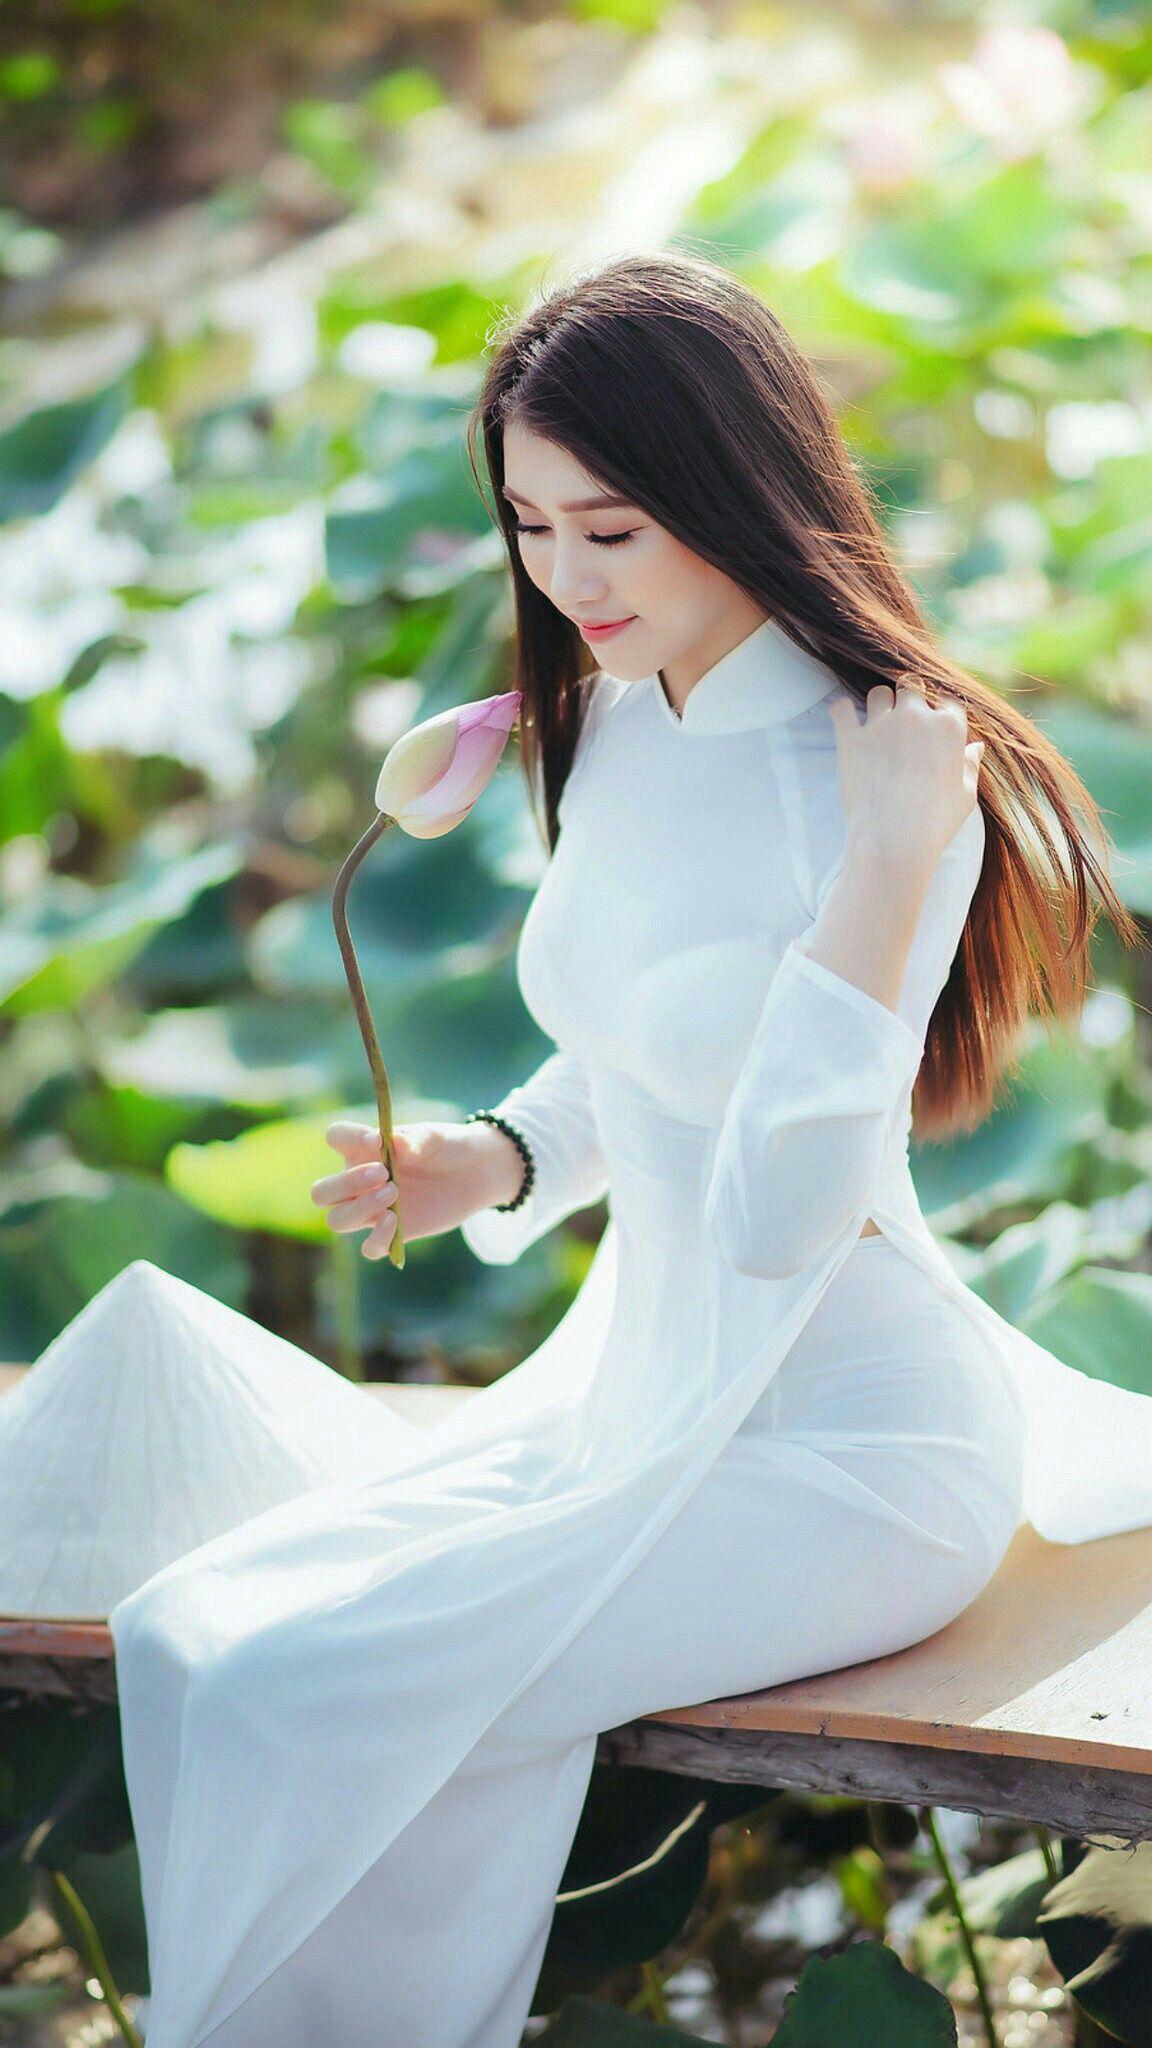 Vietnam porn site